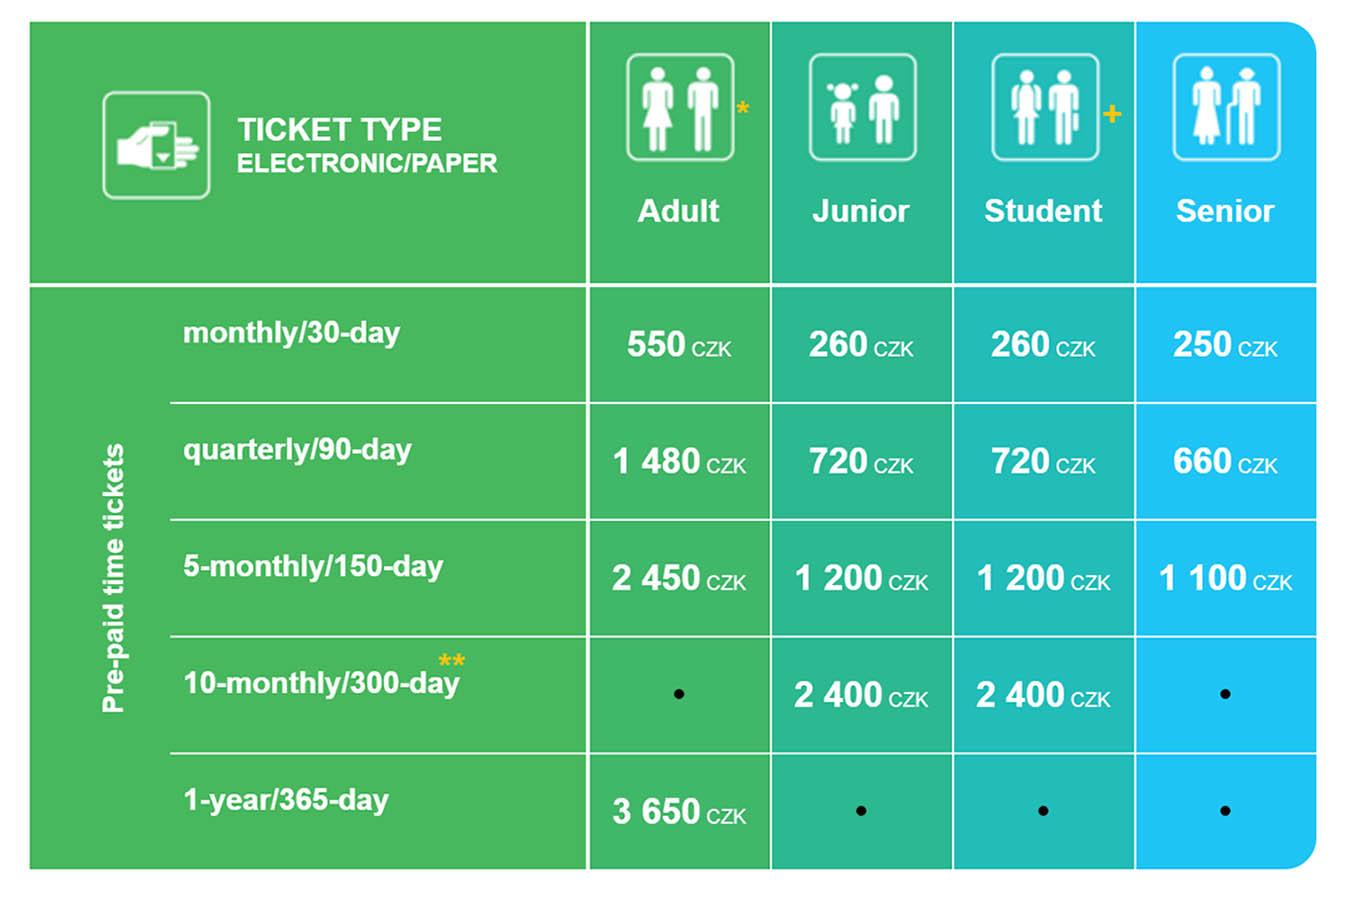 Тарифы для проездных билетов